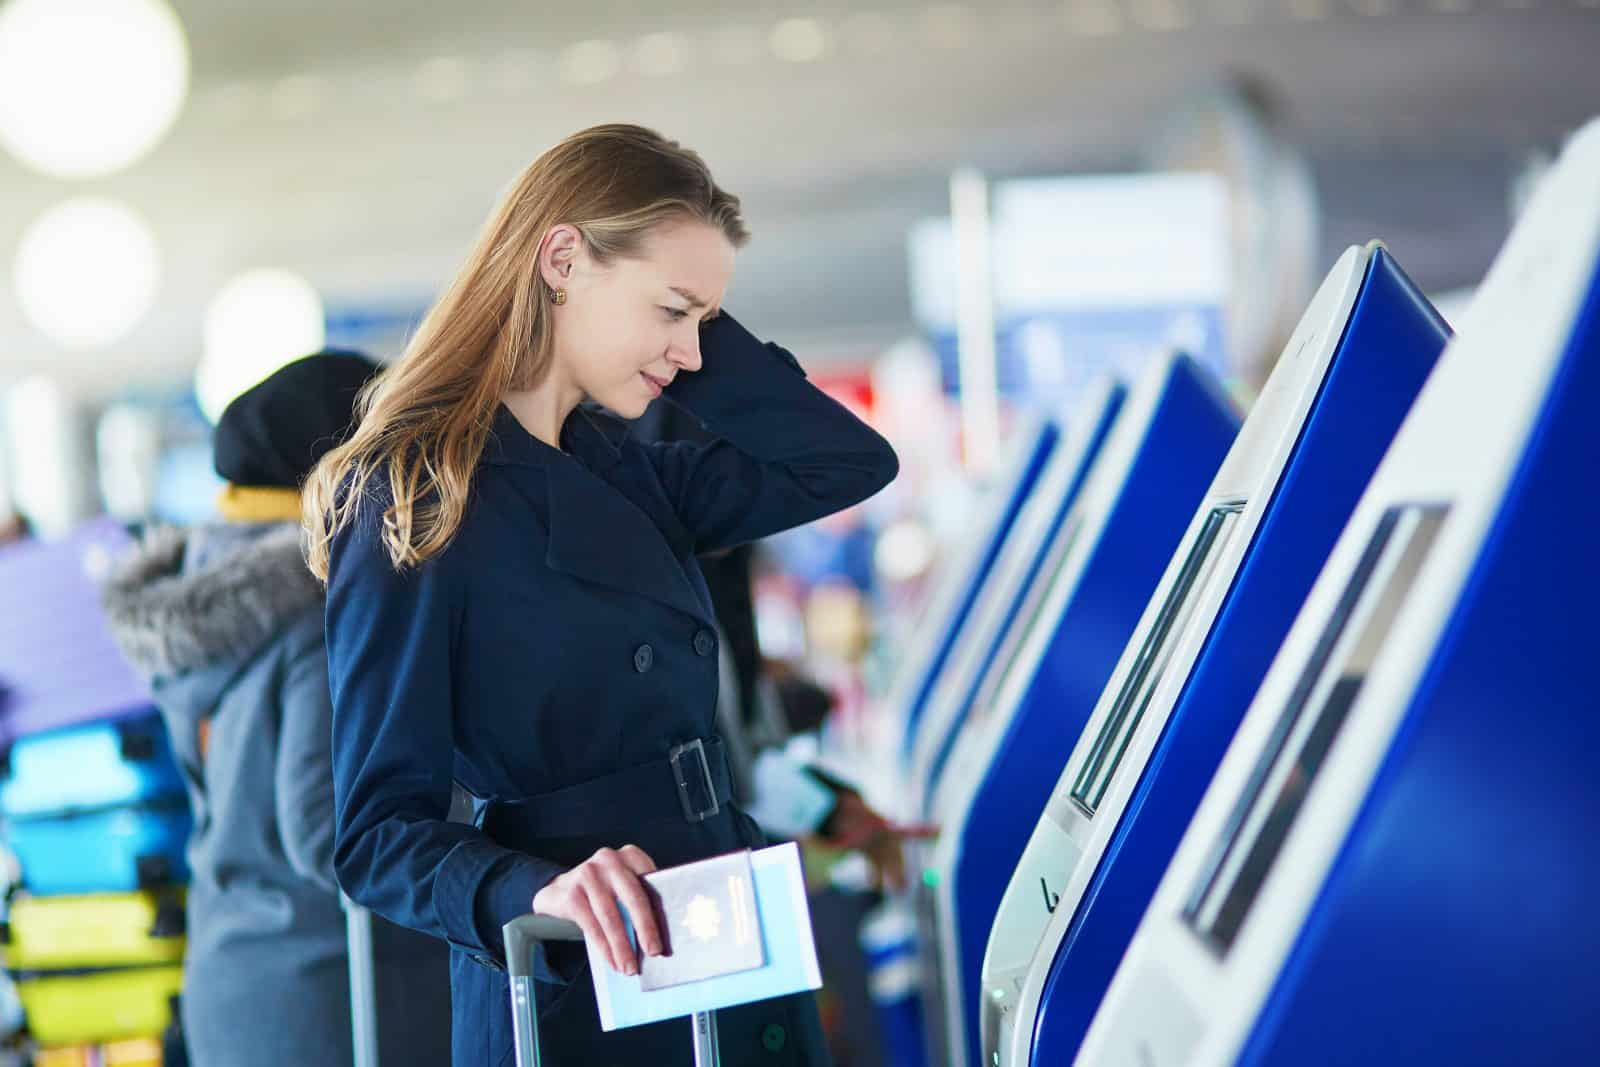 Jonge vrouw kijkt bedenkelijk bij een incheckbalie op het vliegveld